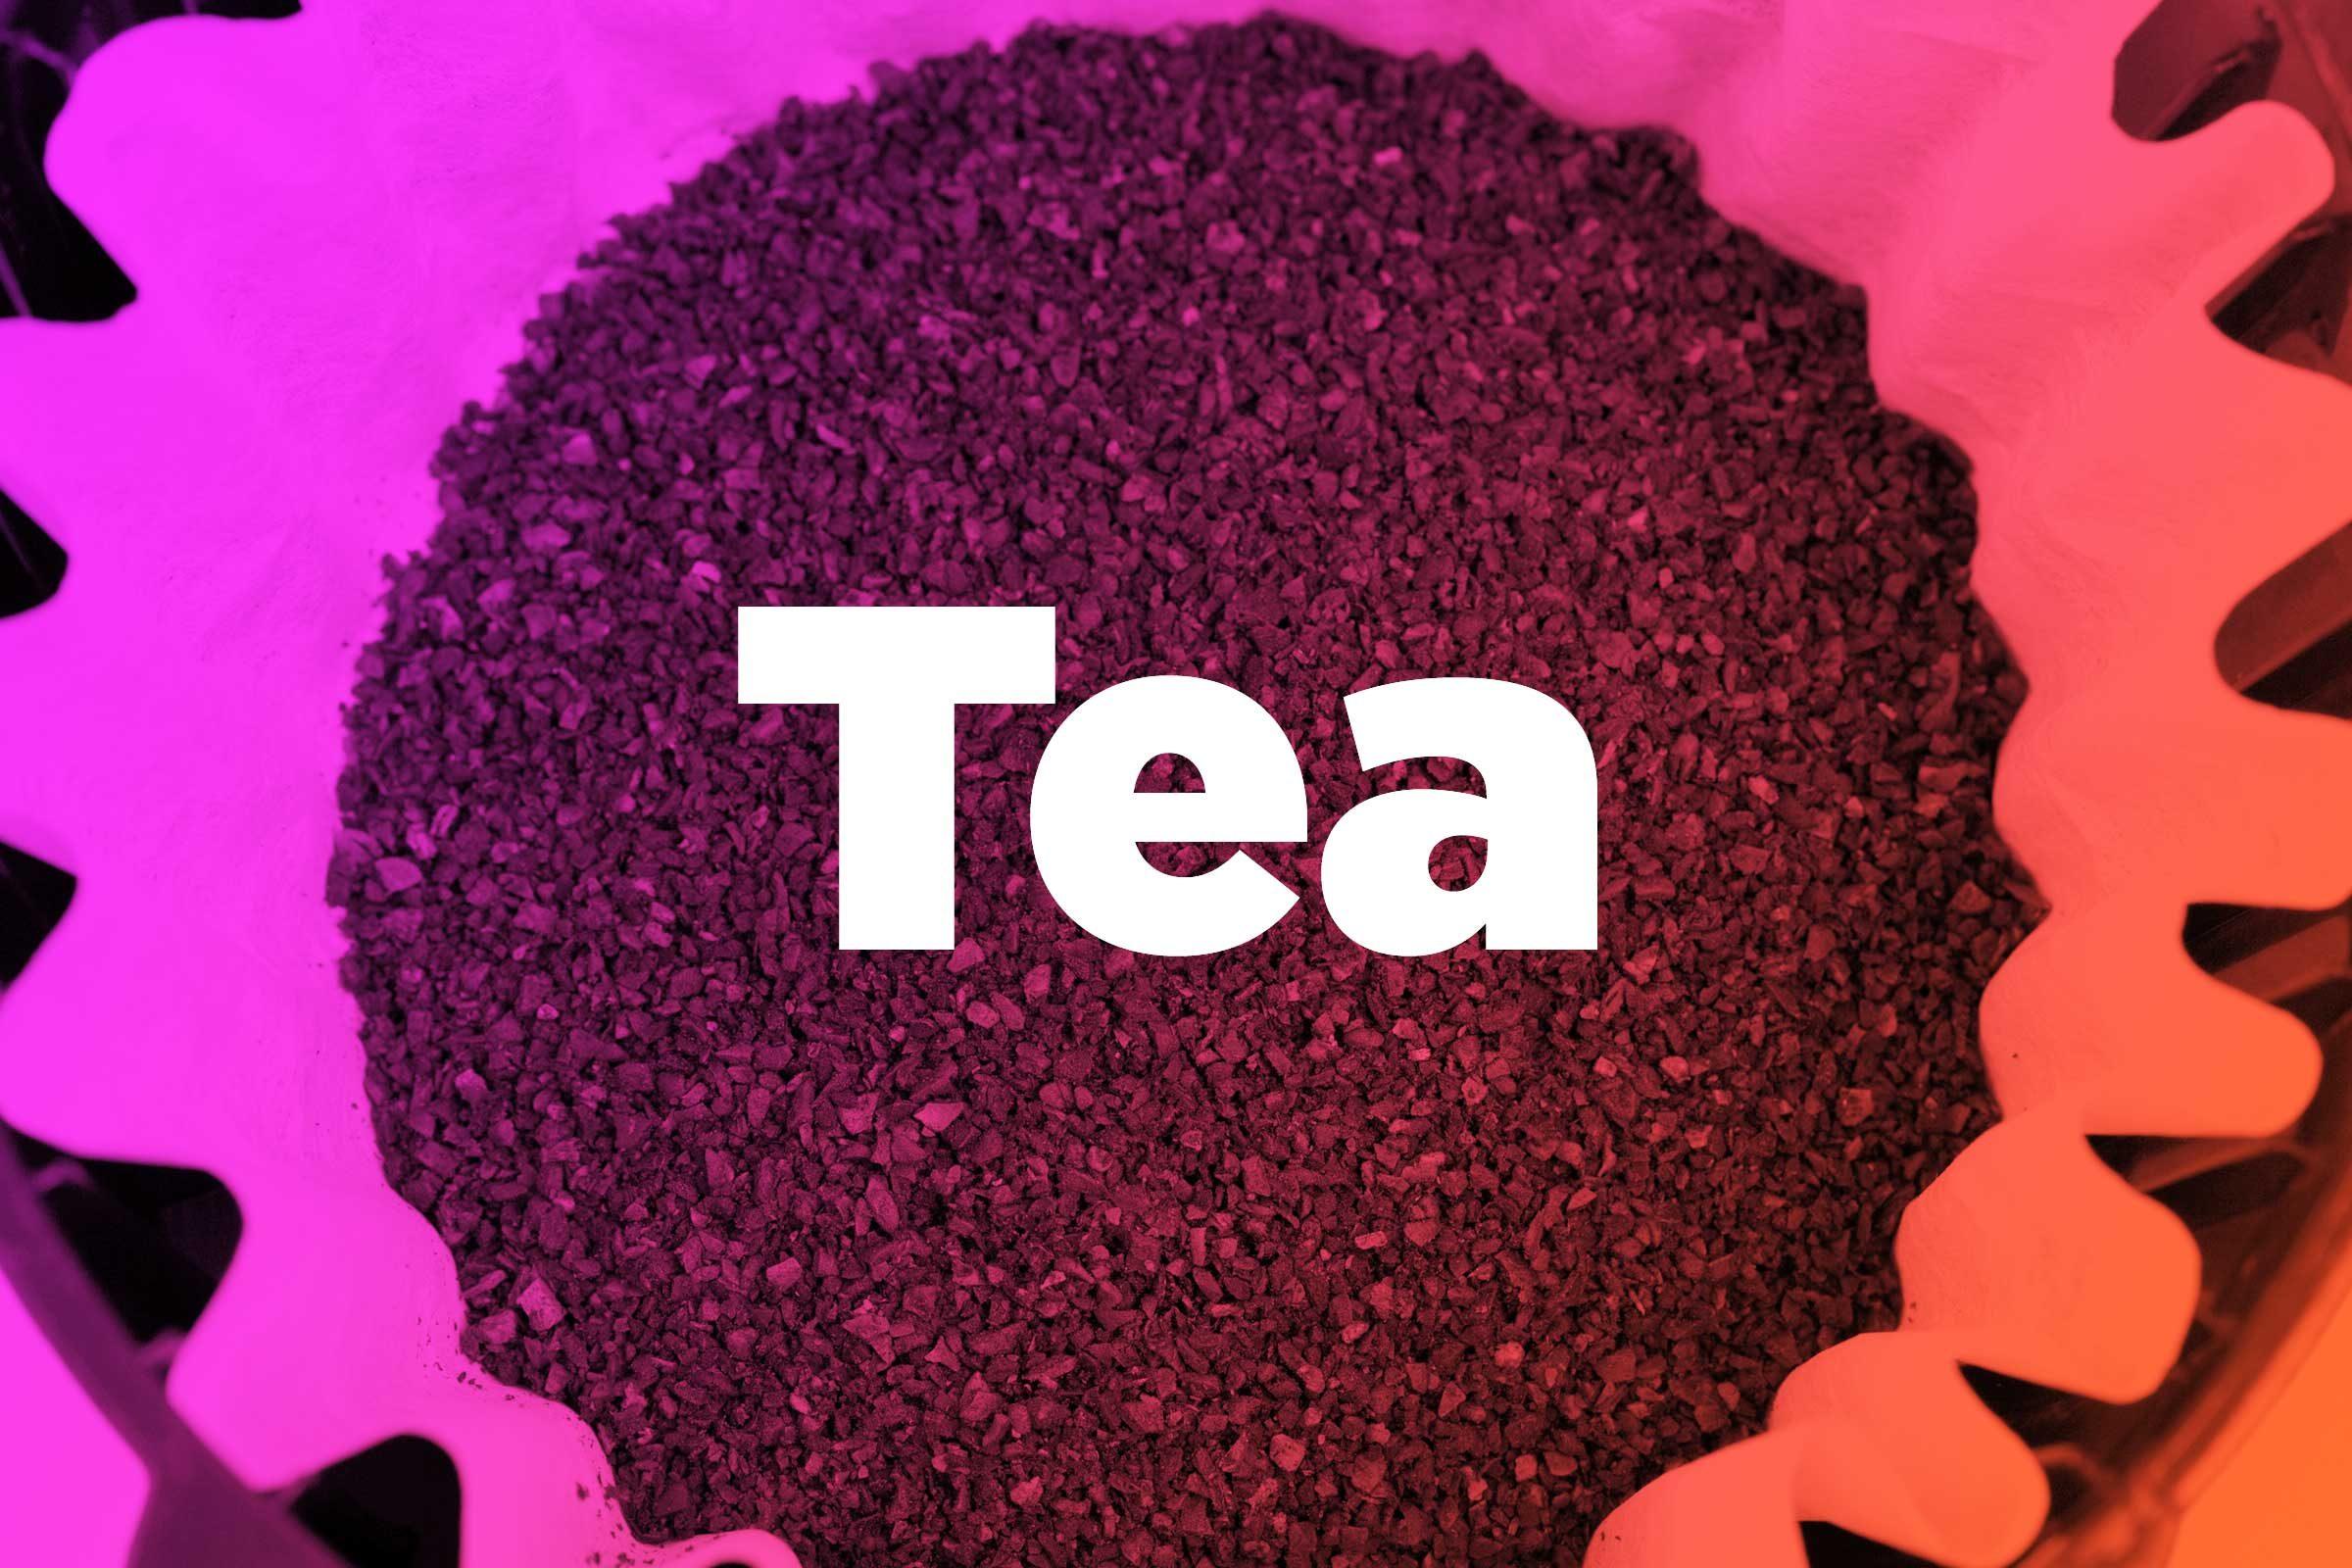 13-coffee-filter-uses-tea.jpg